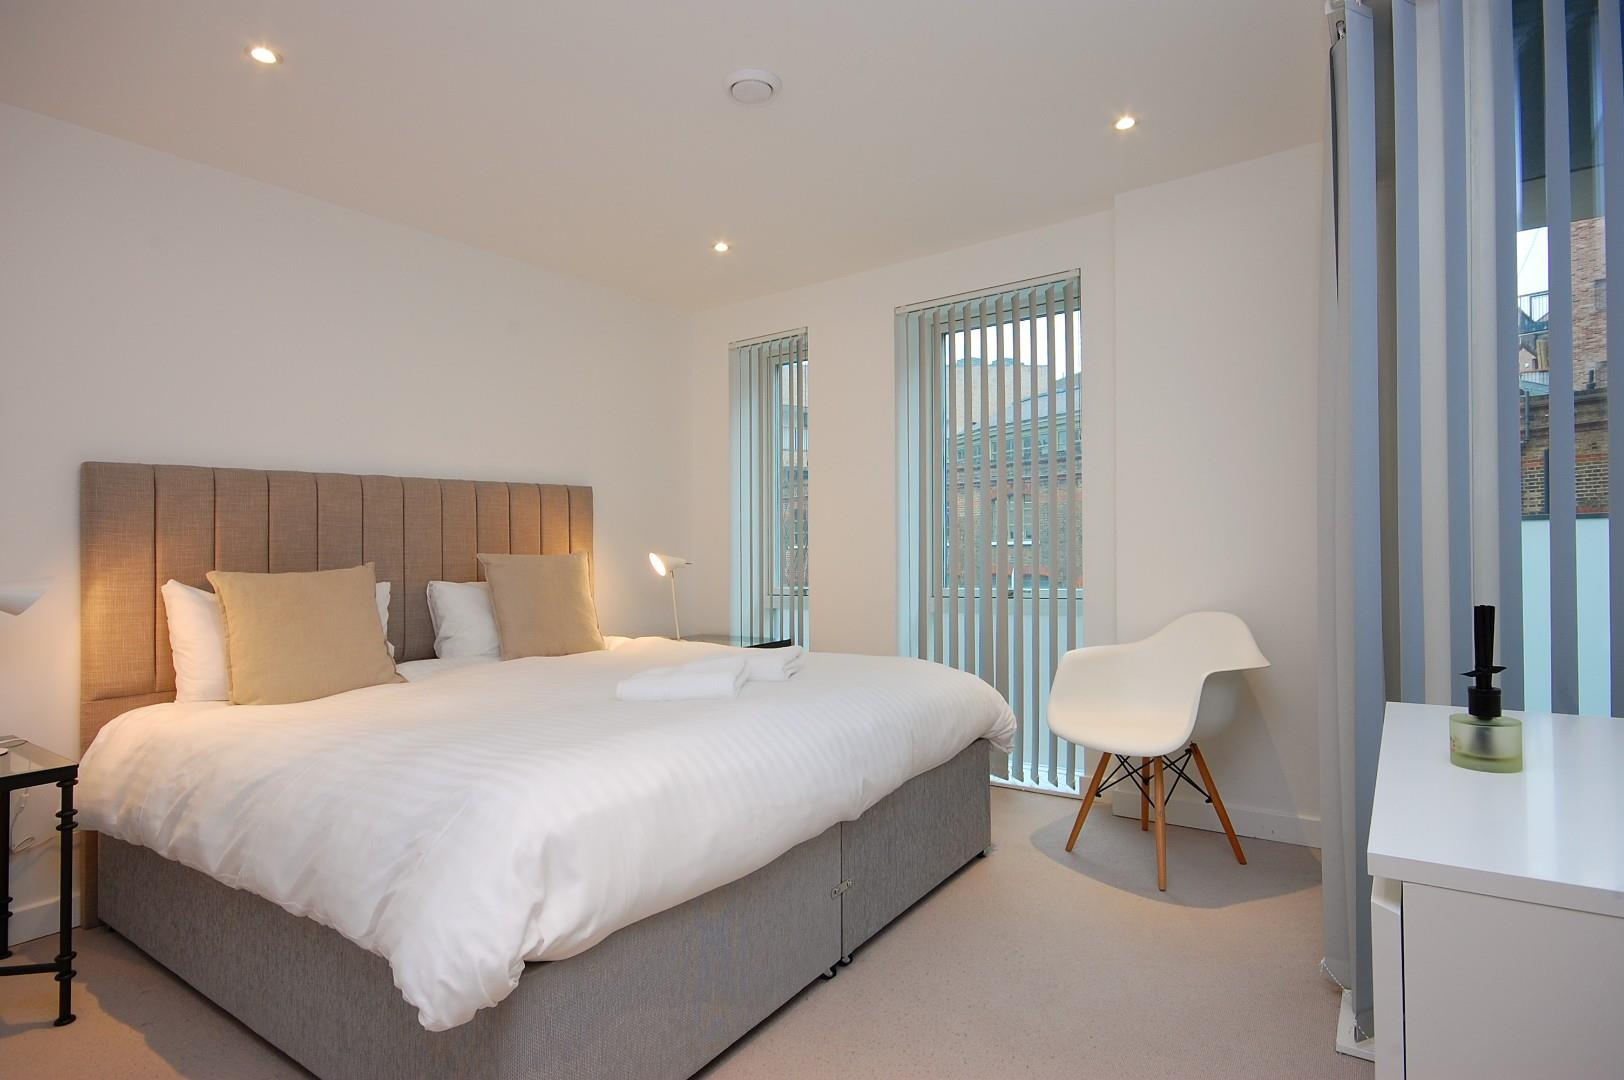 Godfrey-Bedroom 3d.jpg